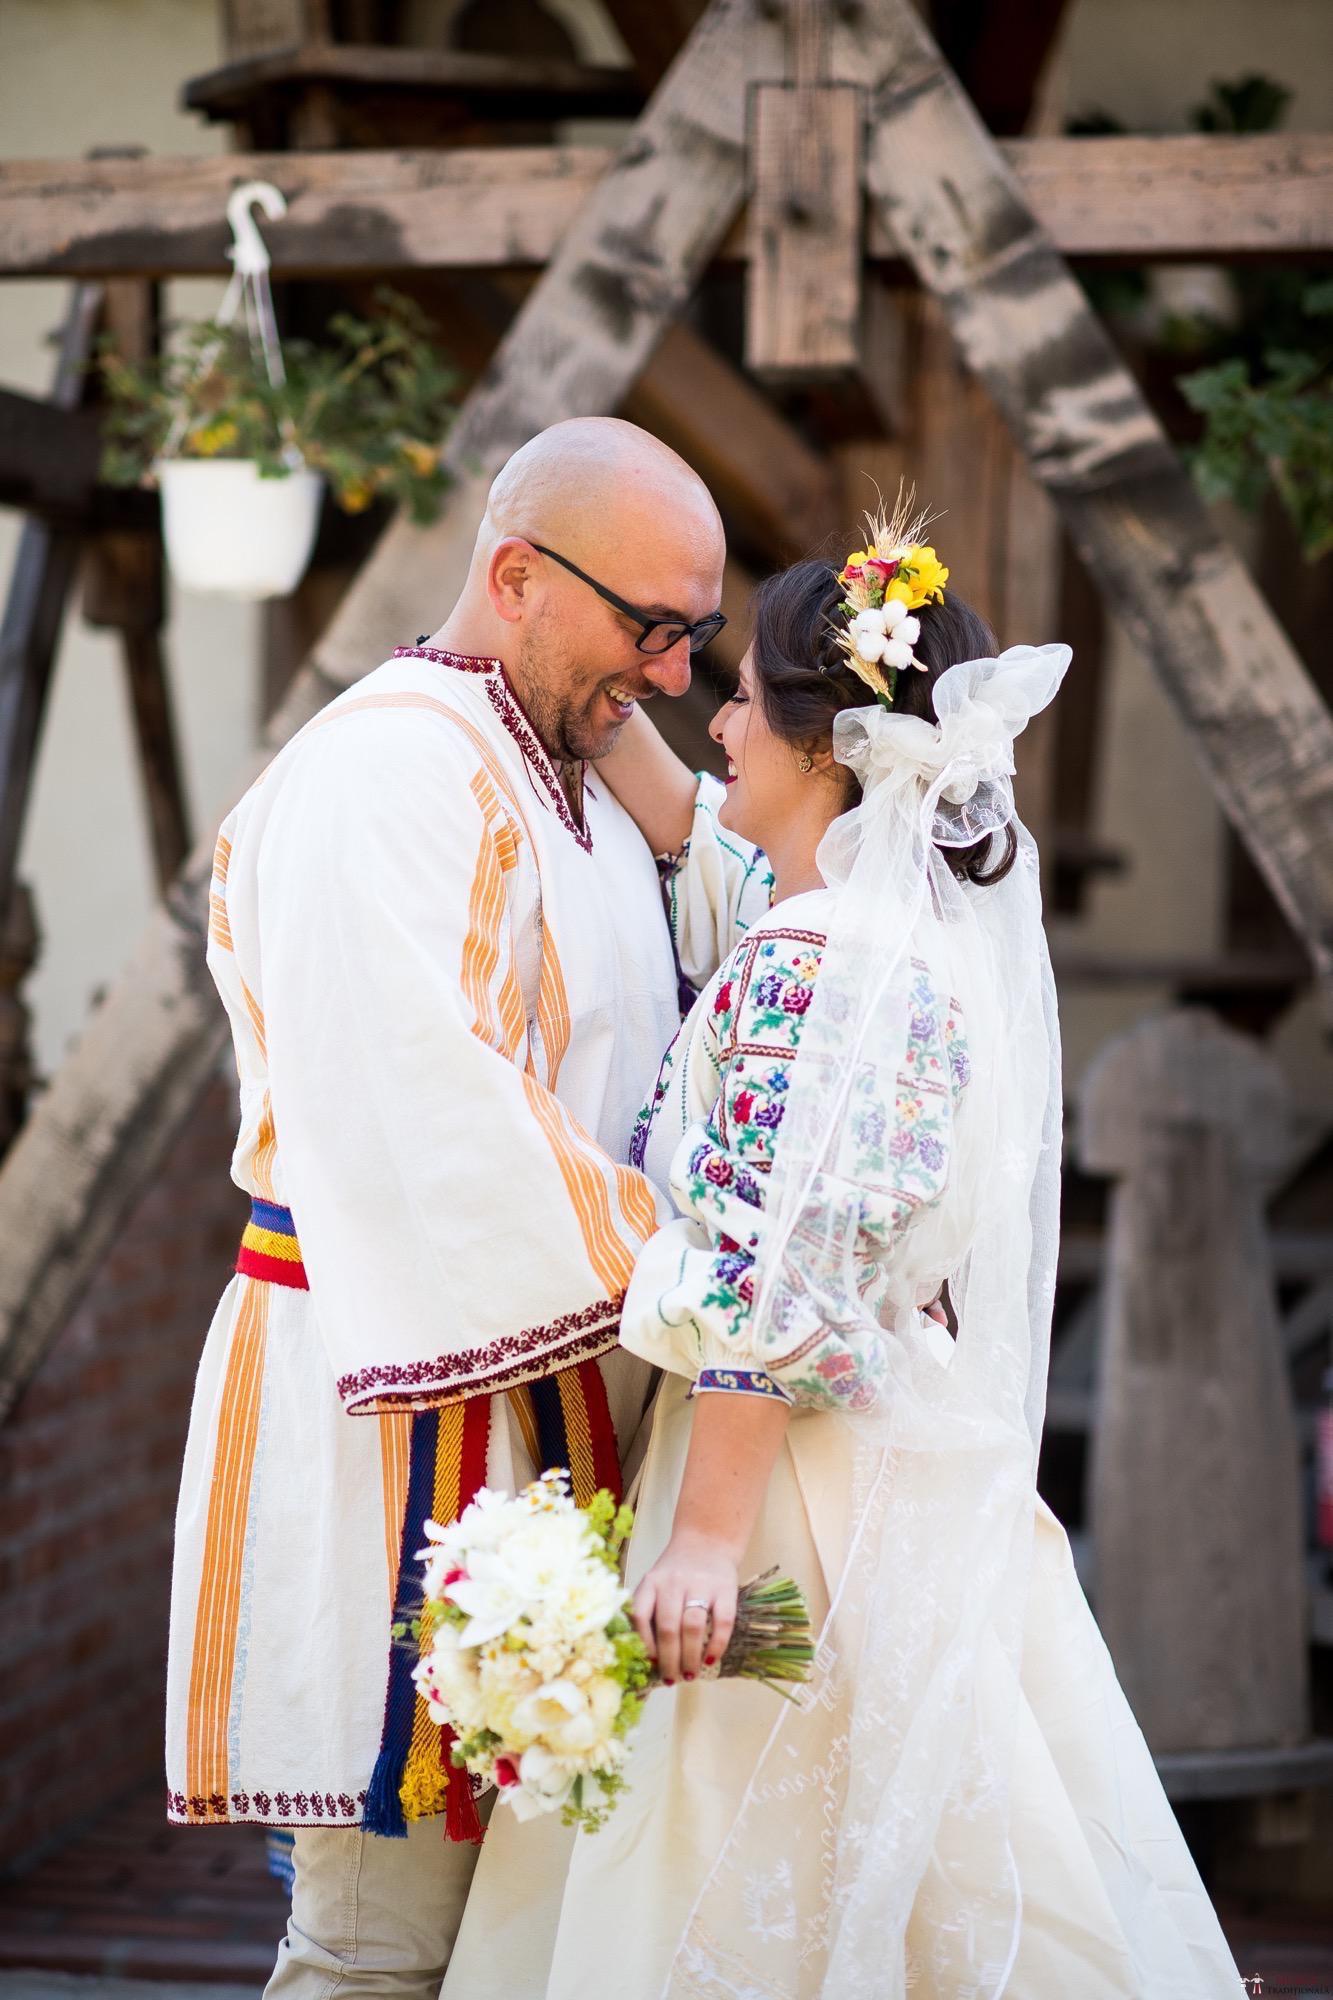 Povești Nunți Tradiționale - Ioana și Andrei. Nuntă tradițională în București. 11